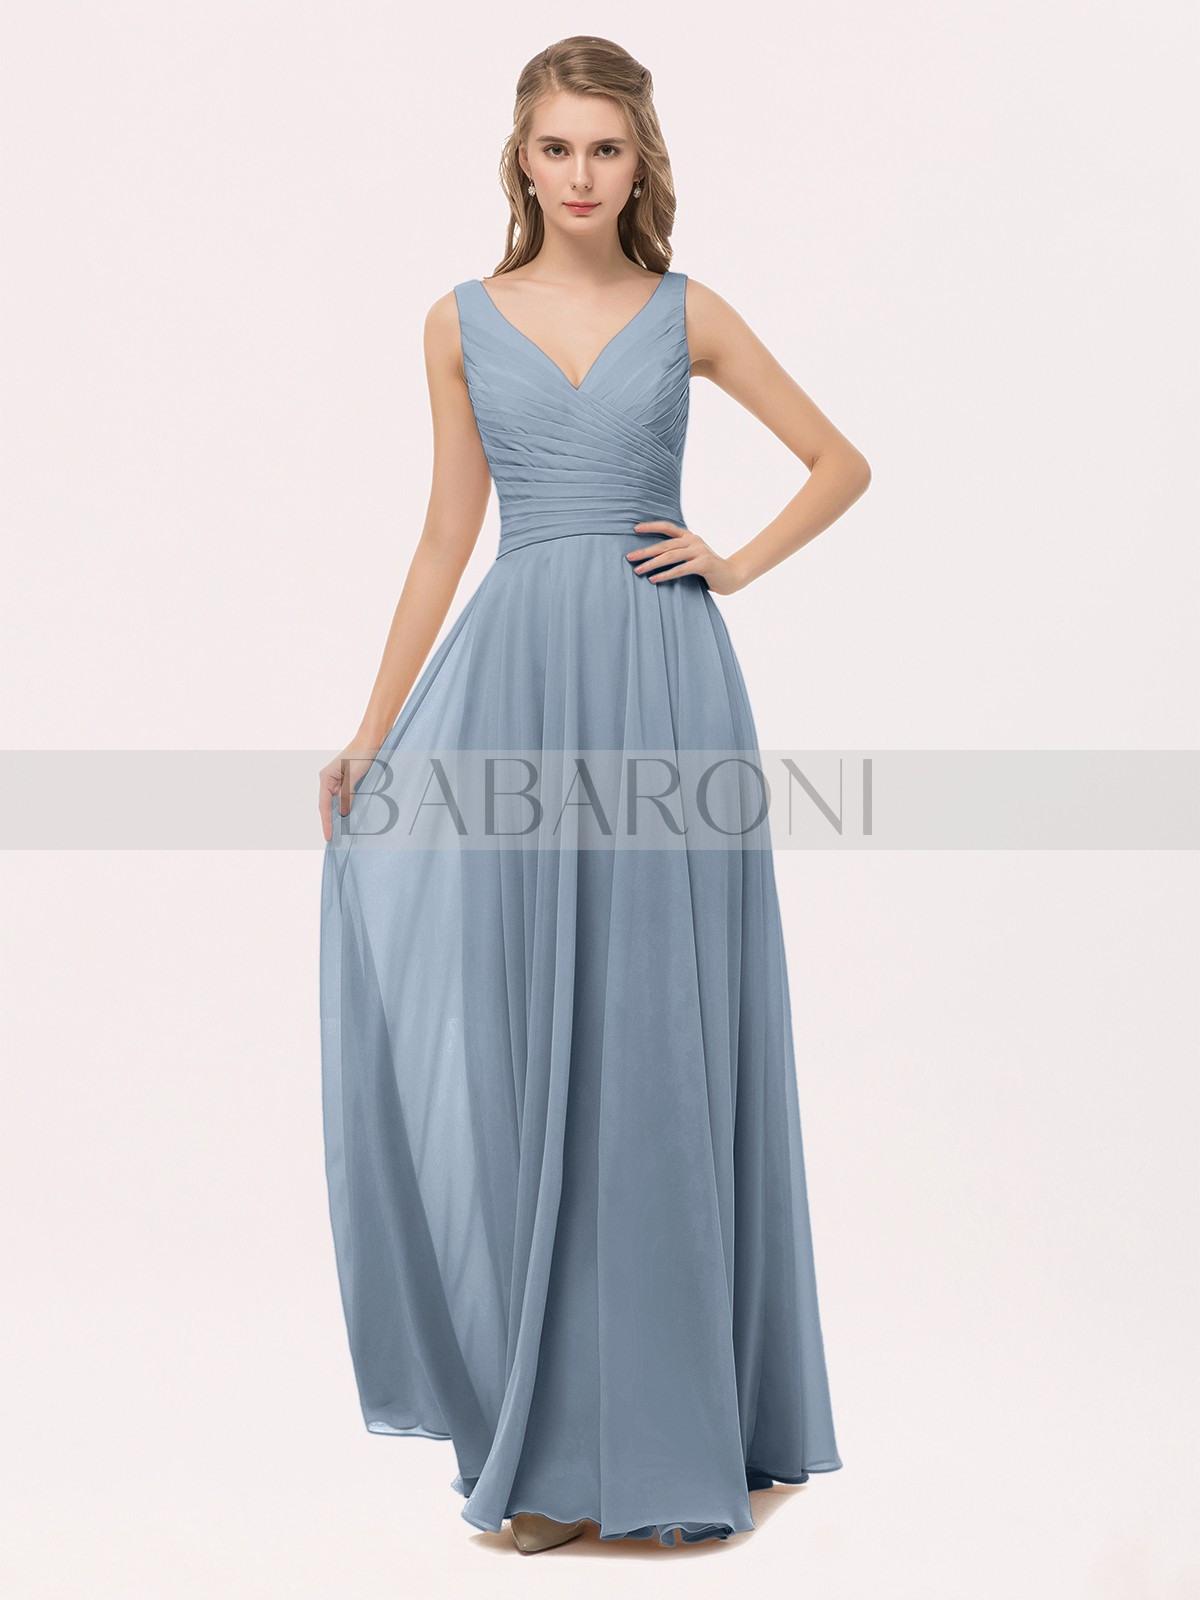 15 Großartig Abendkleid V Ausschnitt Vertrieb20 Großartig Abendkleid V Ausschnitt Design